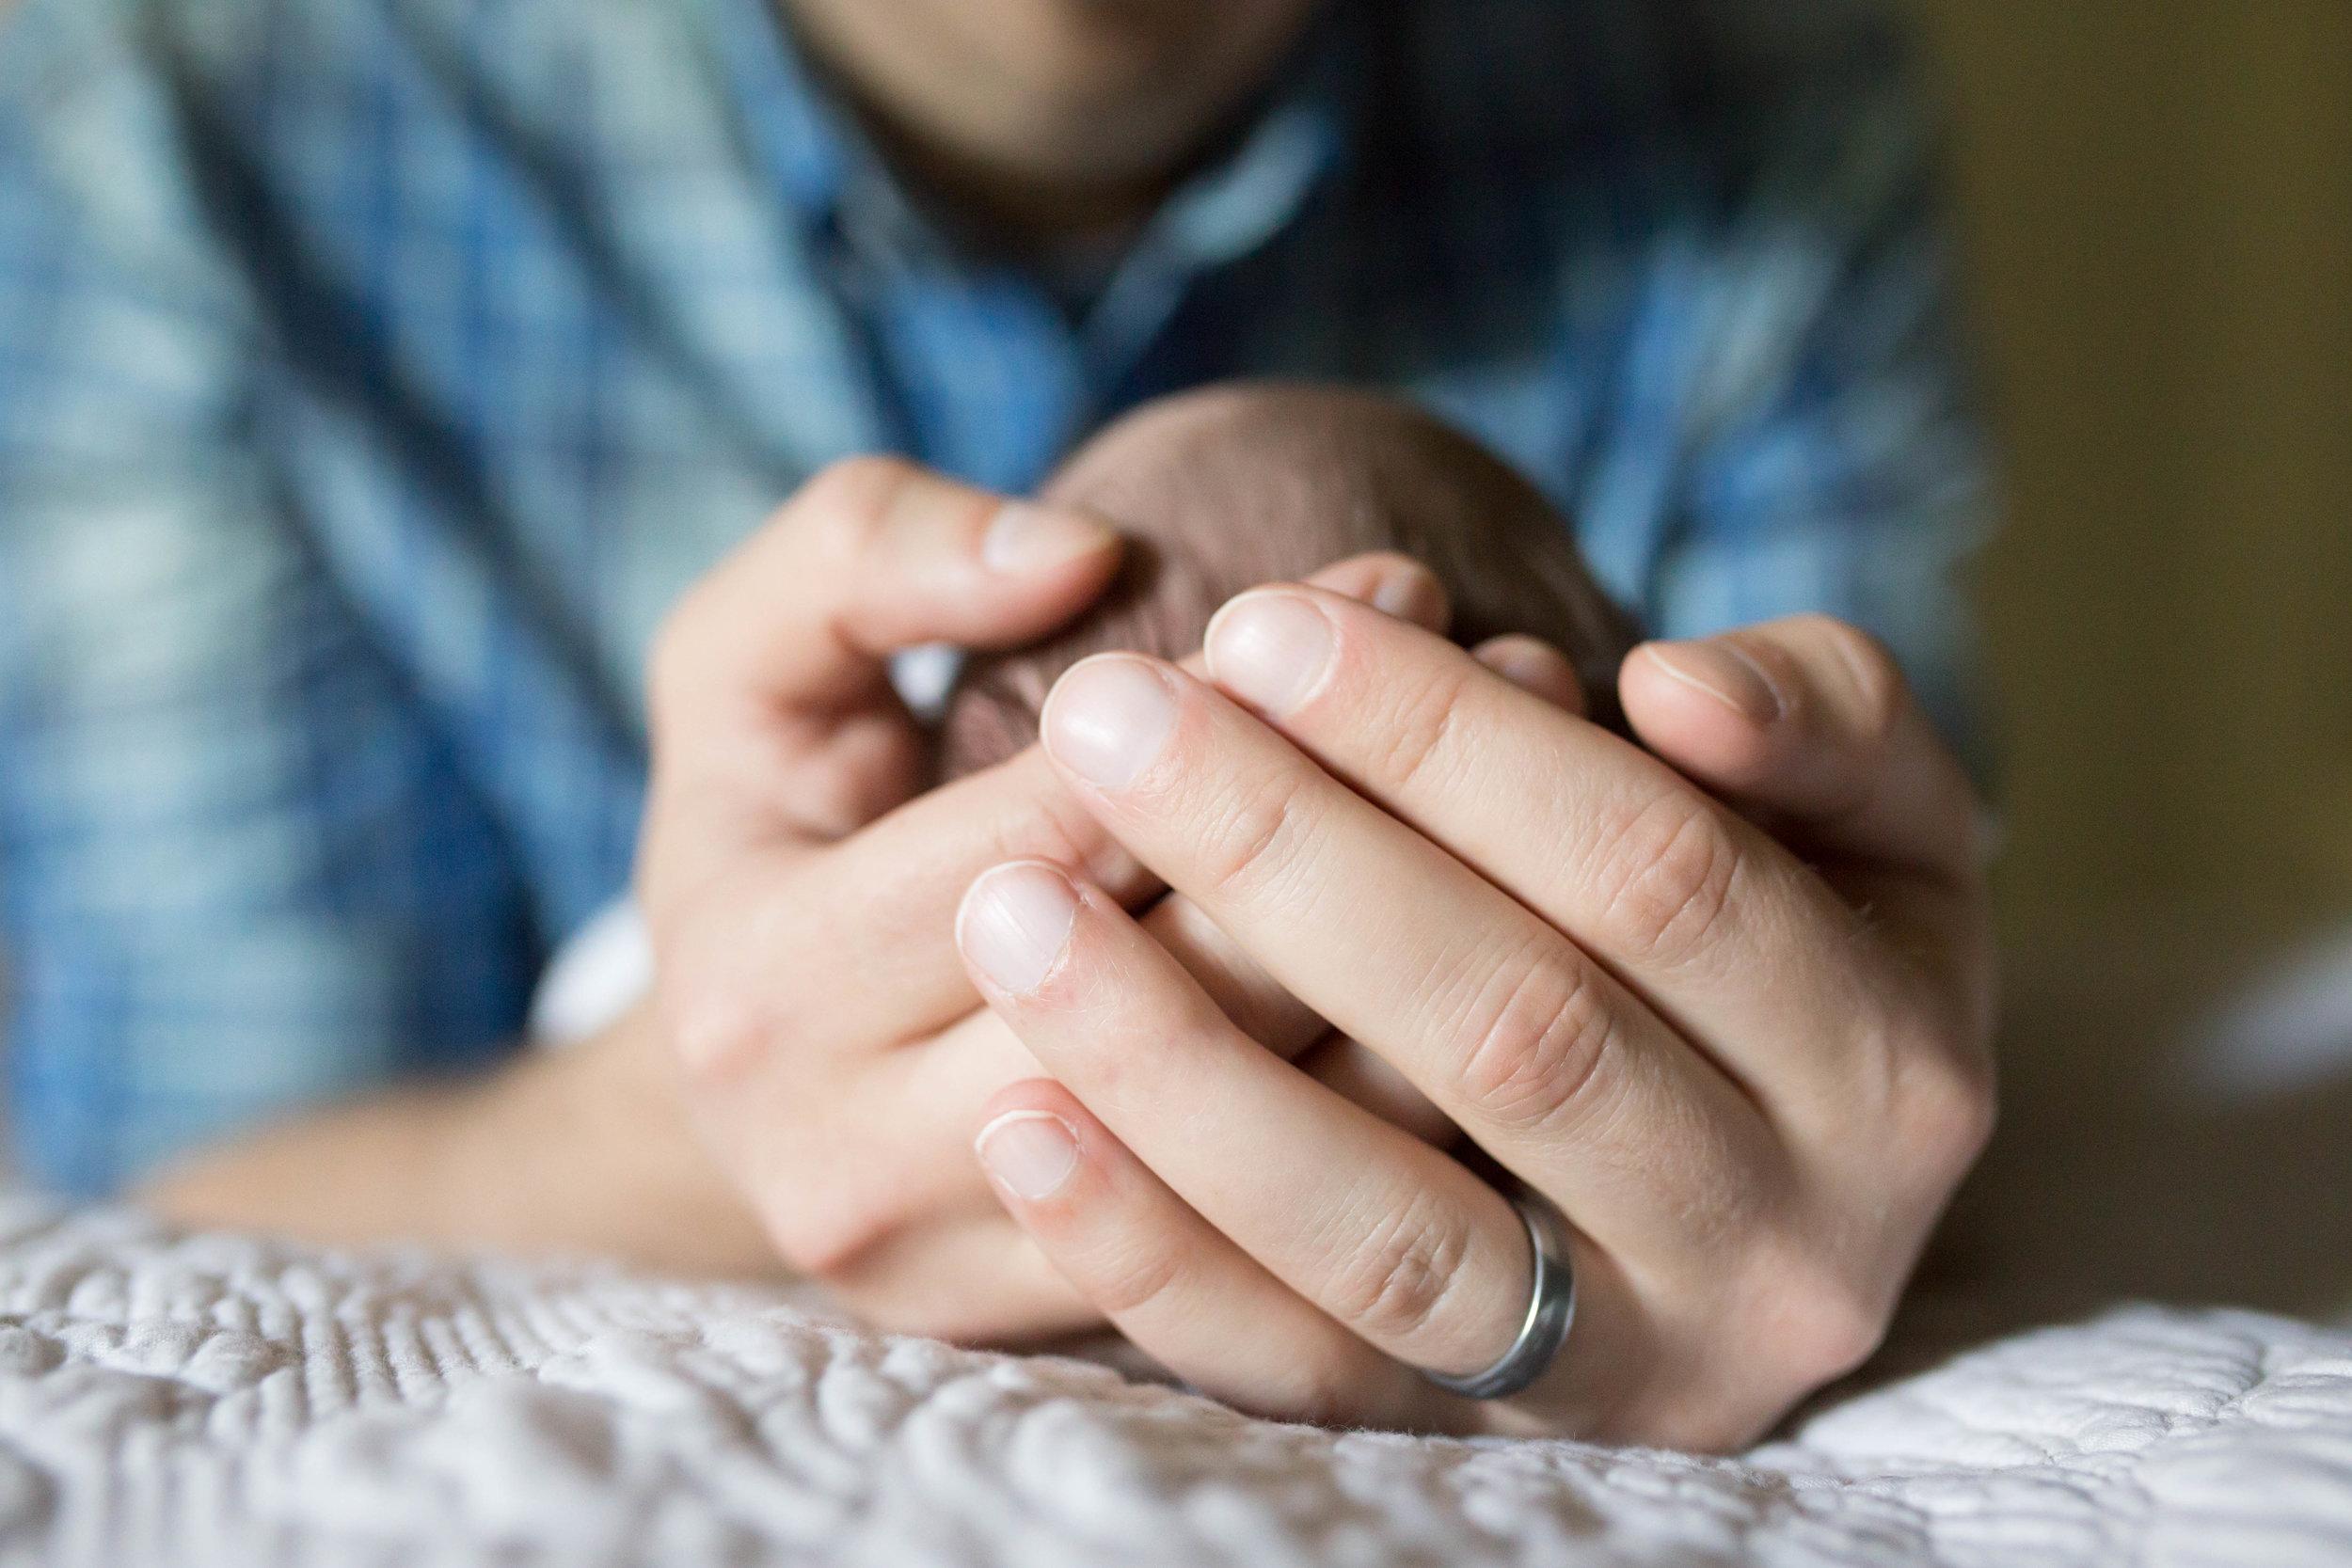 Newborn & Dad Hands